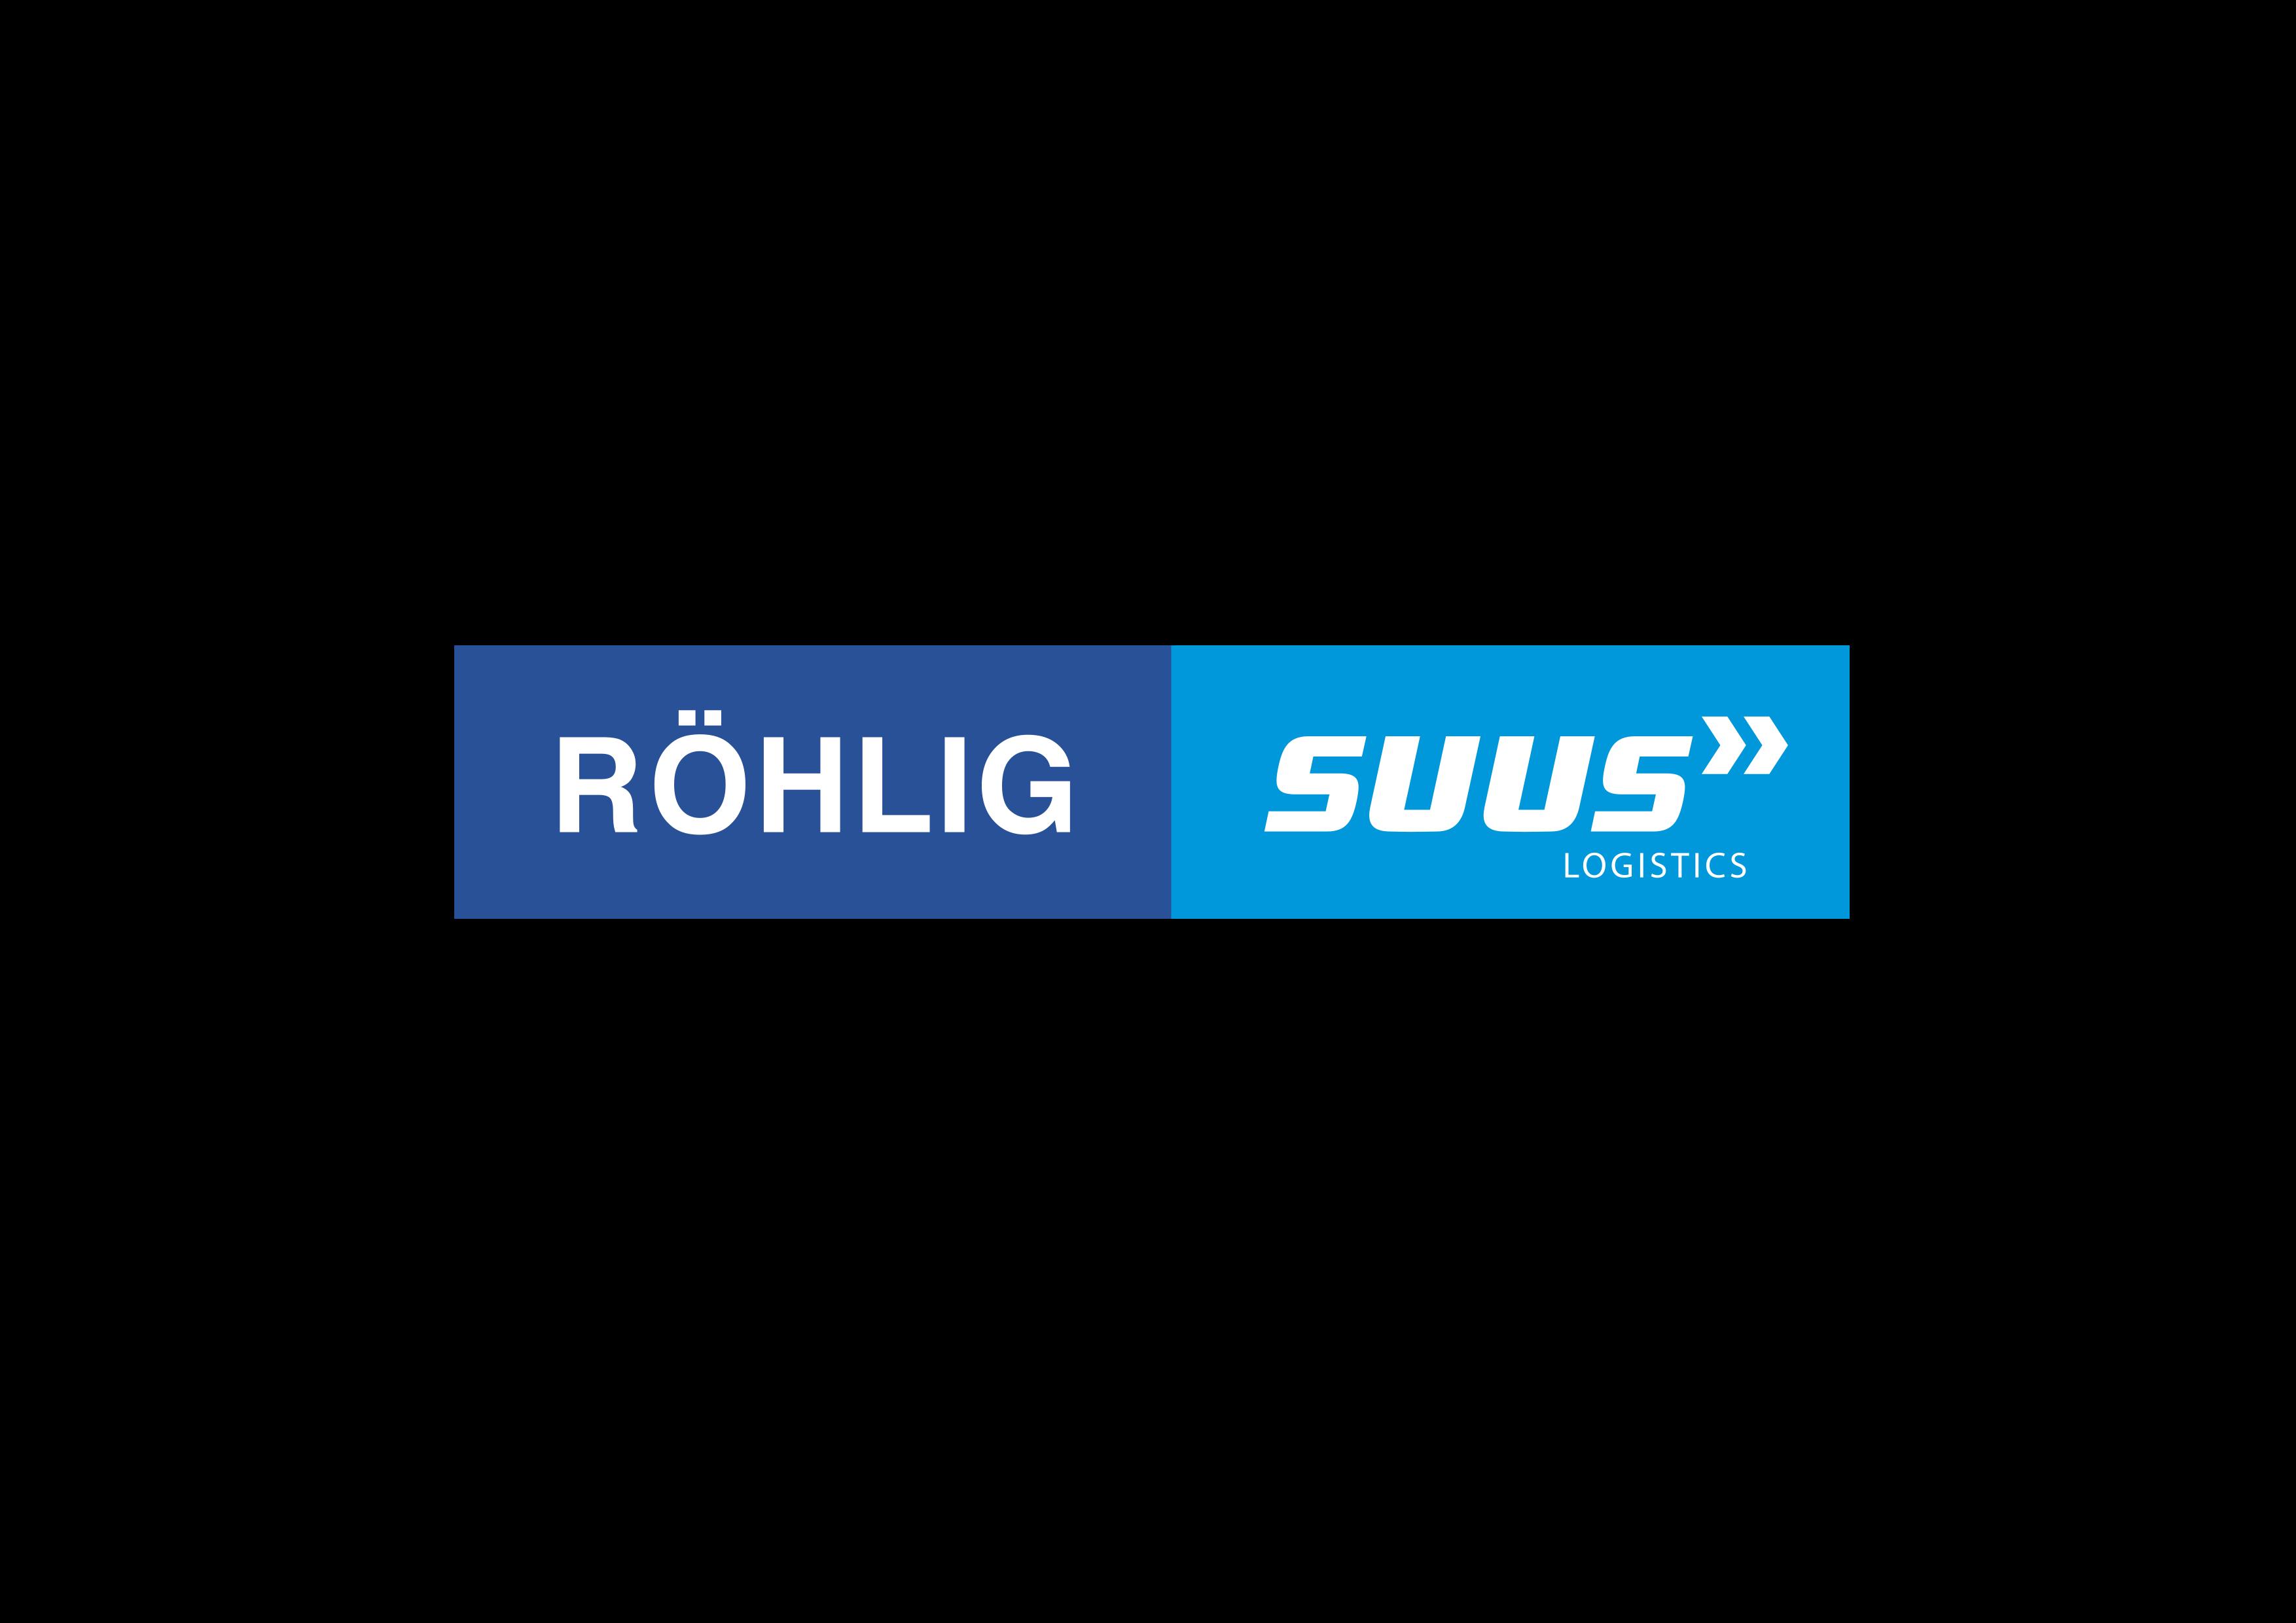 ROHLING_SUUS